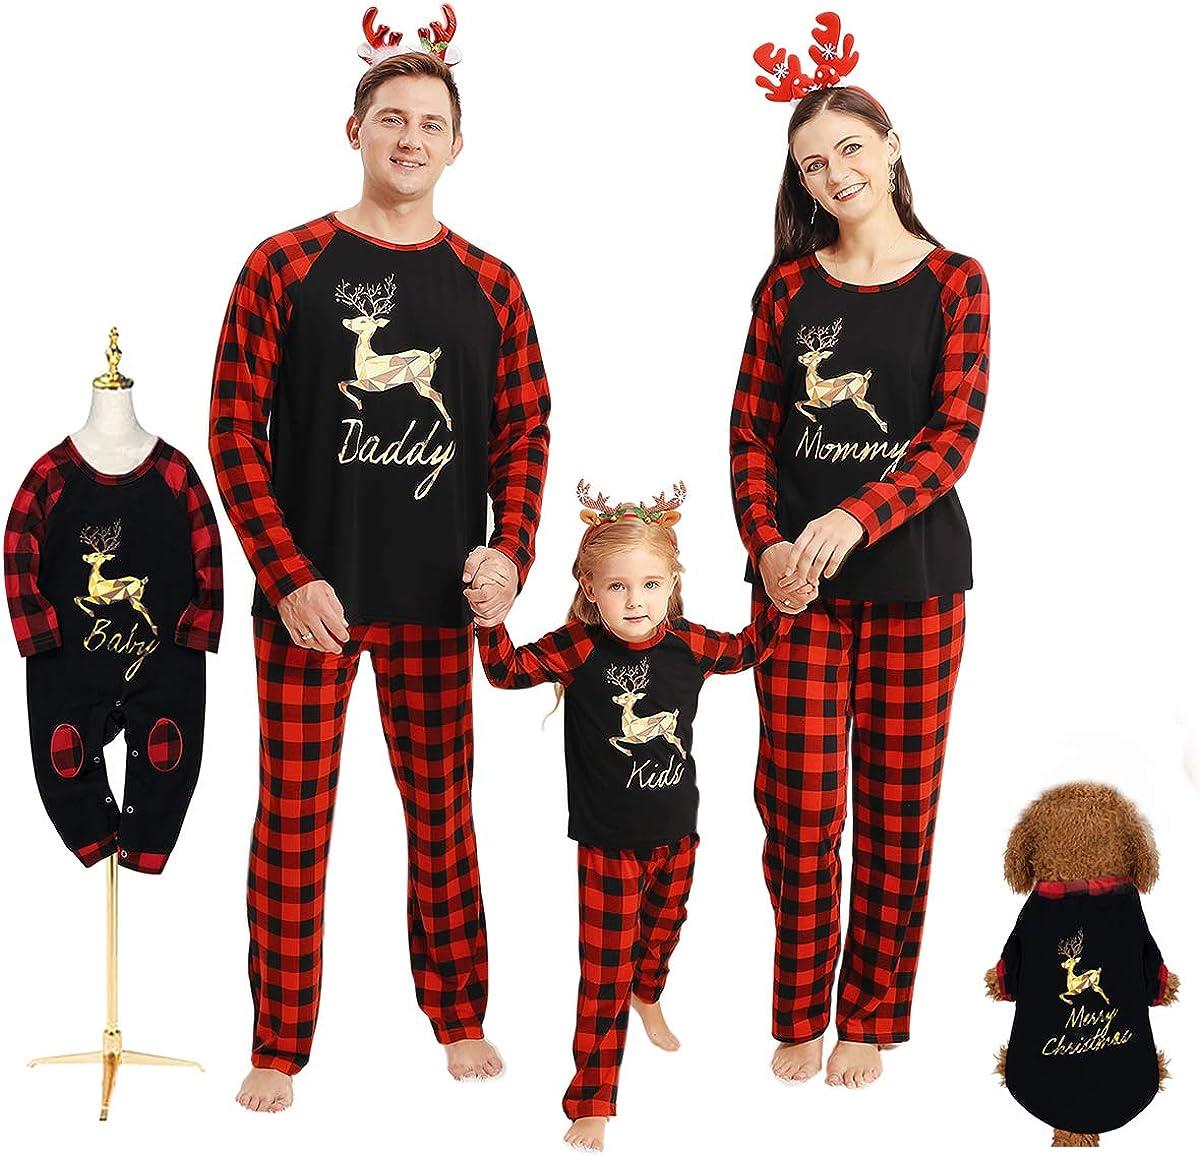 Borlai Conjunto de Pijamas navideños Familiares a Juego con Pijama de Cuadros navideños para Hombres, Mujeres, bebés, niños, Mascotas